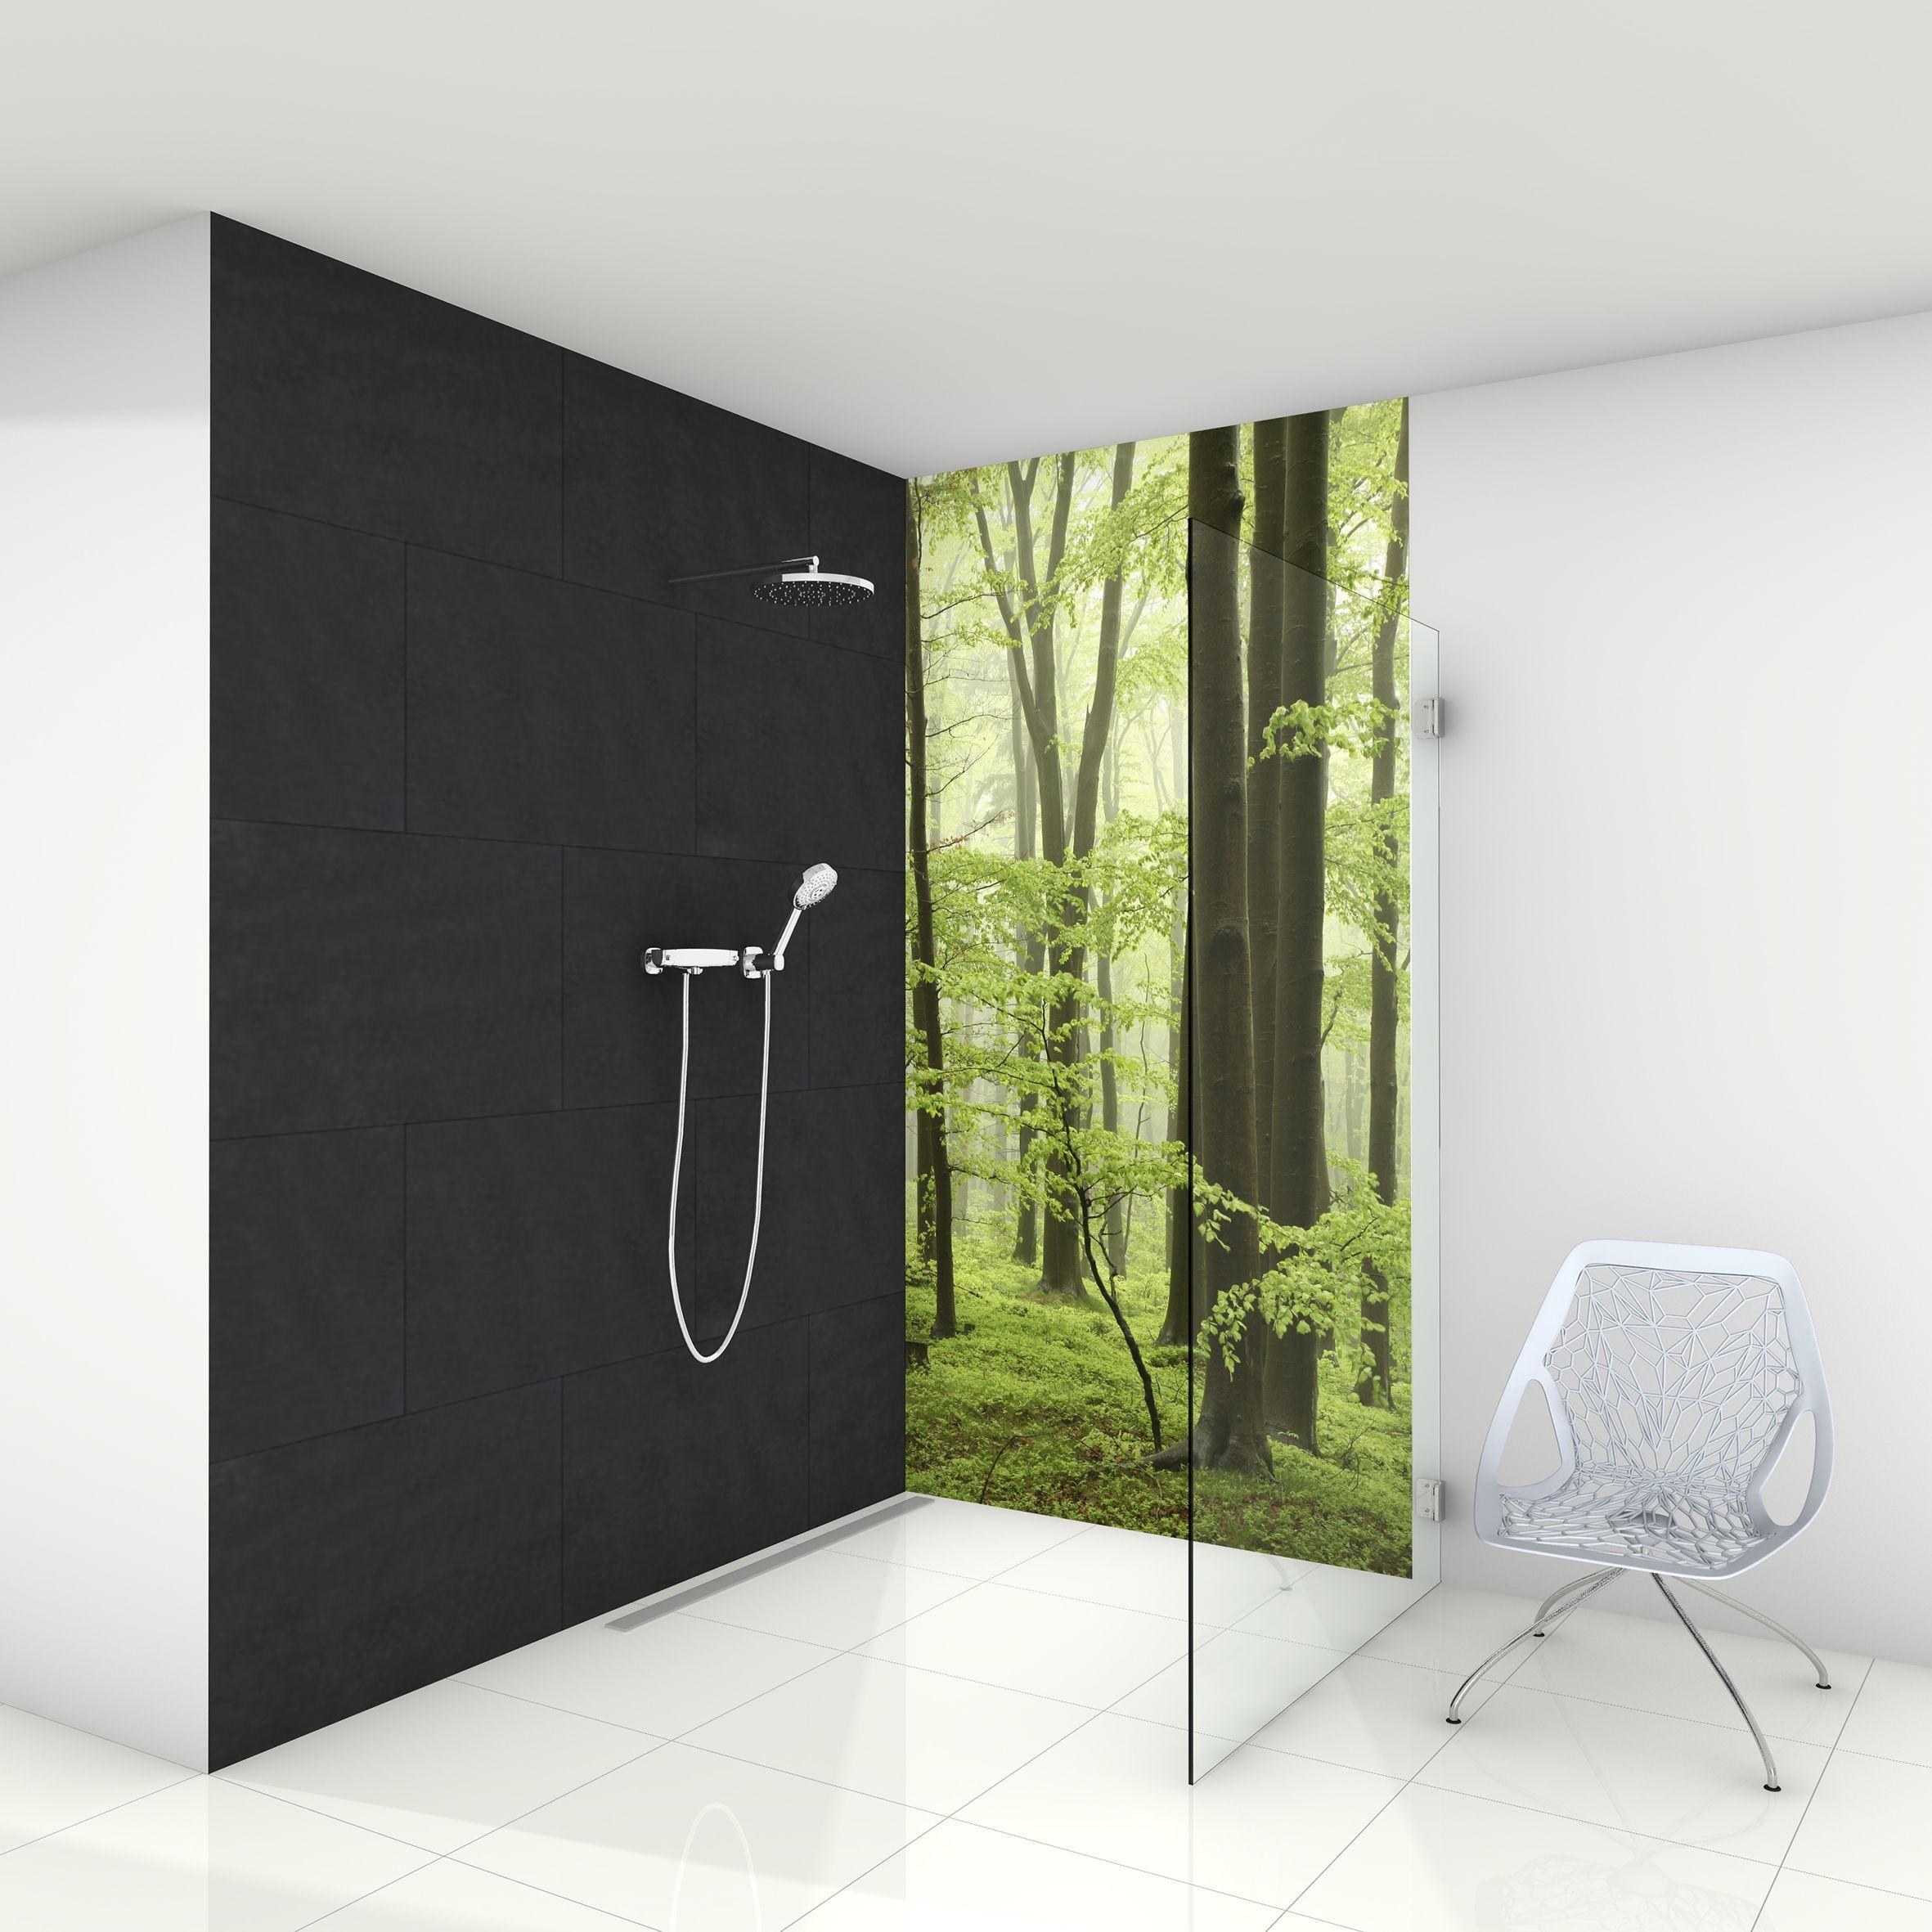 Glassdouche Helene Greenwood Rgb Jpg 2 362 2 362 Pixel Leuchtbilder Badezimmer Bader Ideen